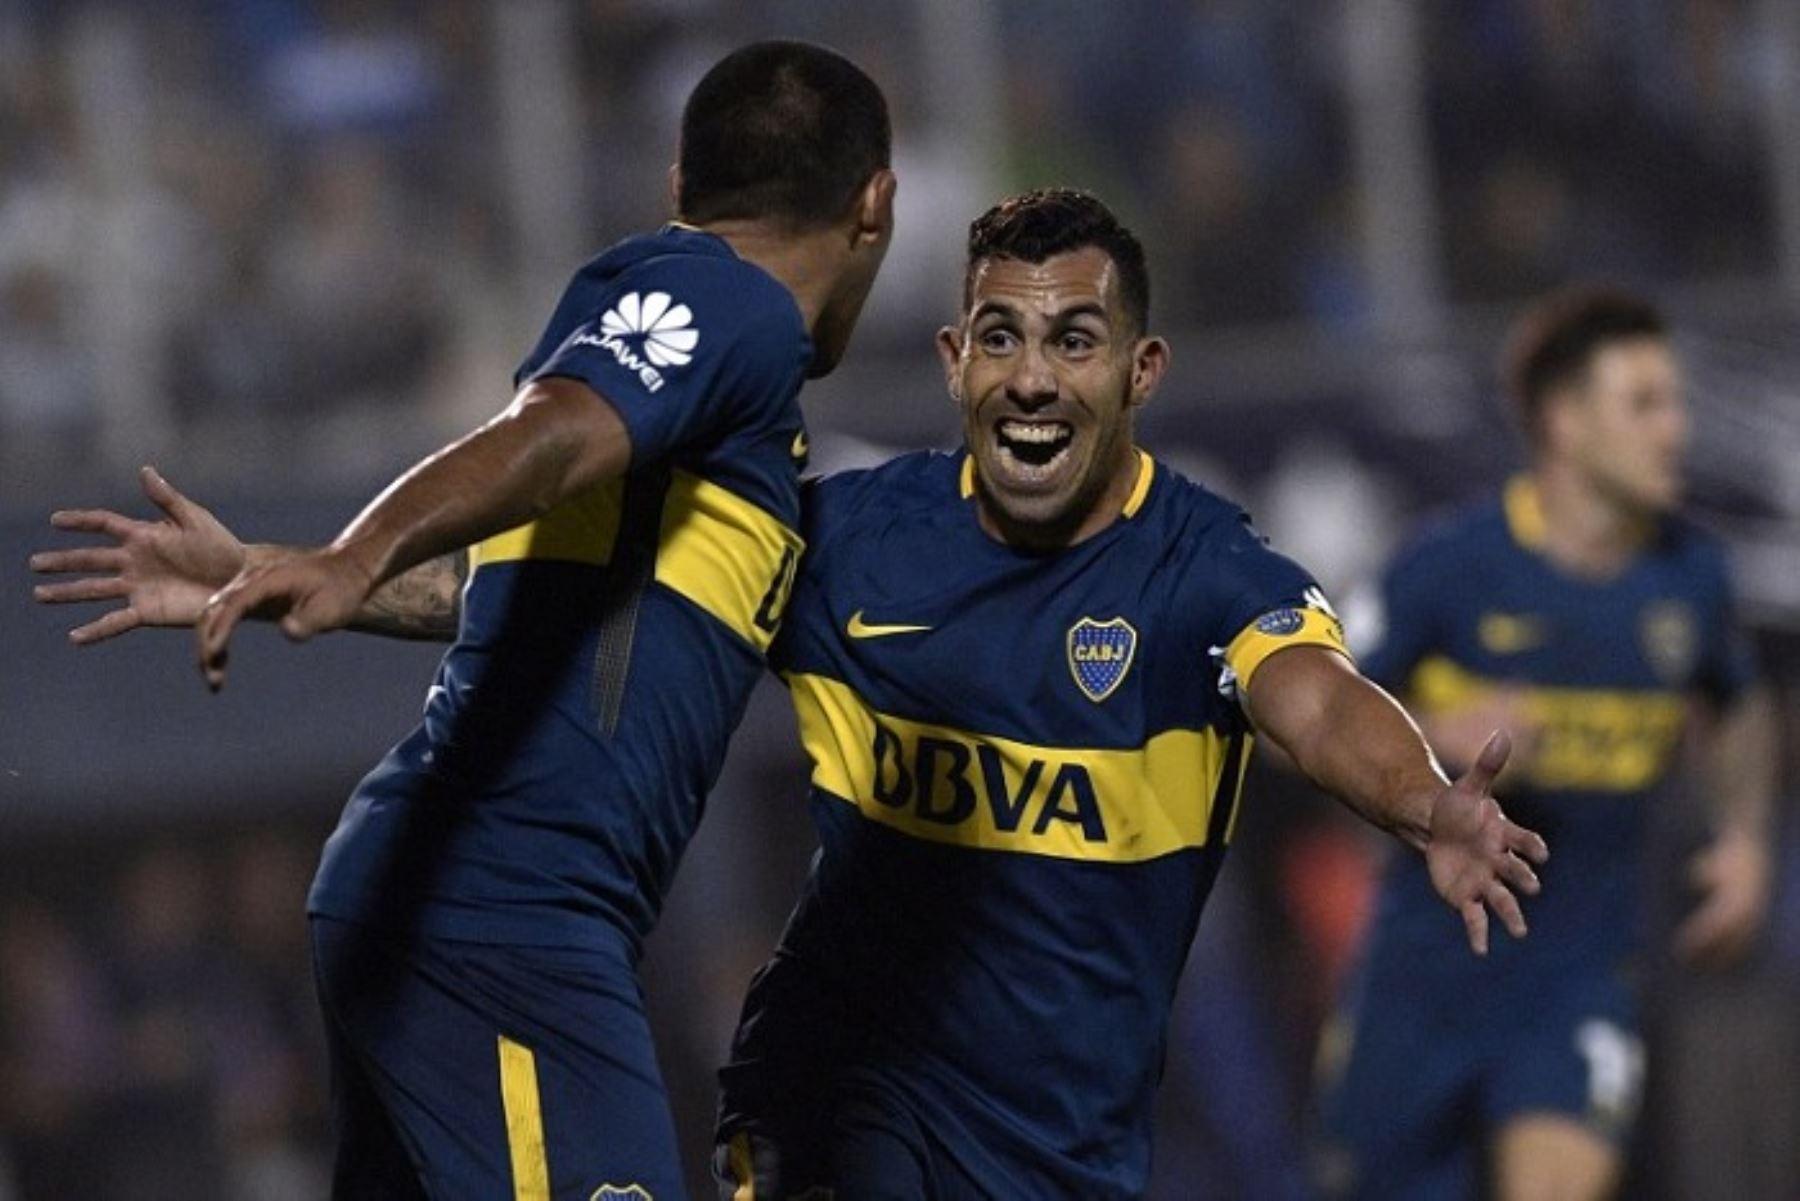 Boca Juniors es campeón de la Superliga argentina   Noticias ...